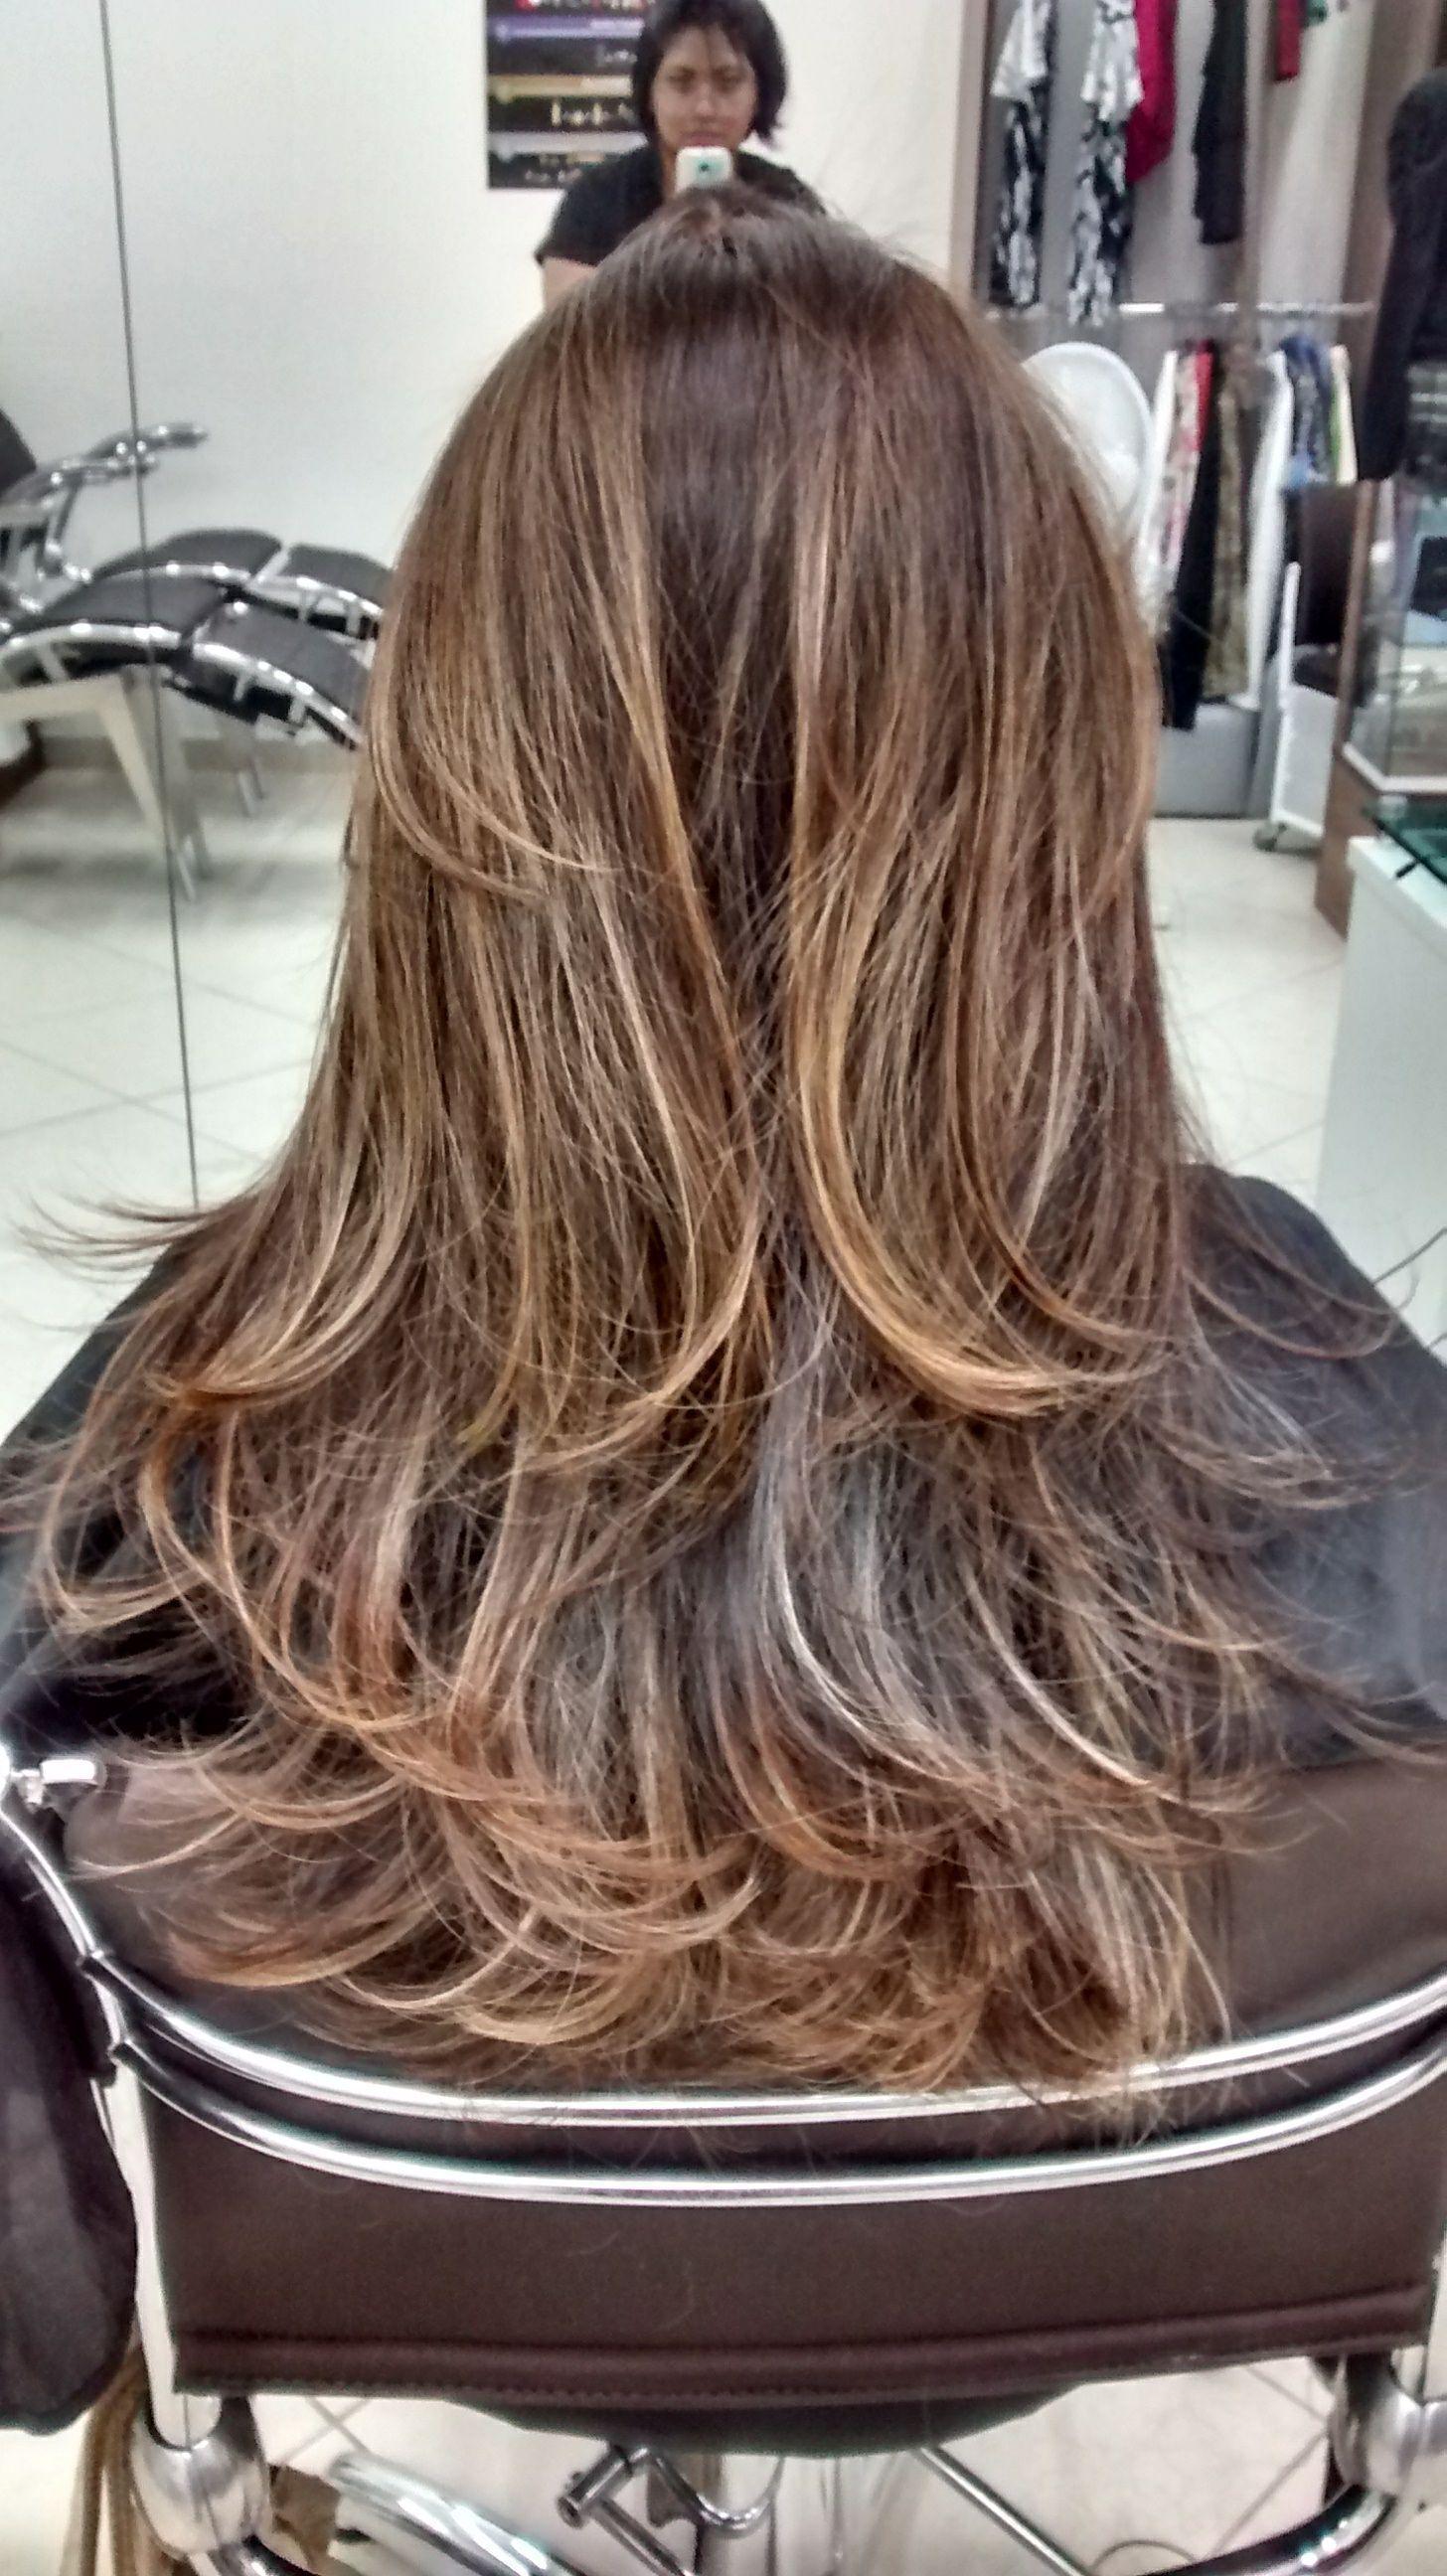 cabeleireiro(a) maquiador(a) auxiliar cabeleireiro(a) recepcionista